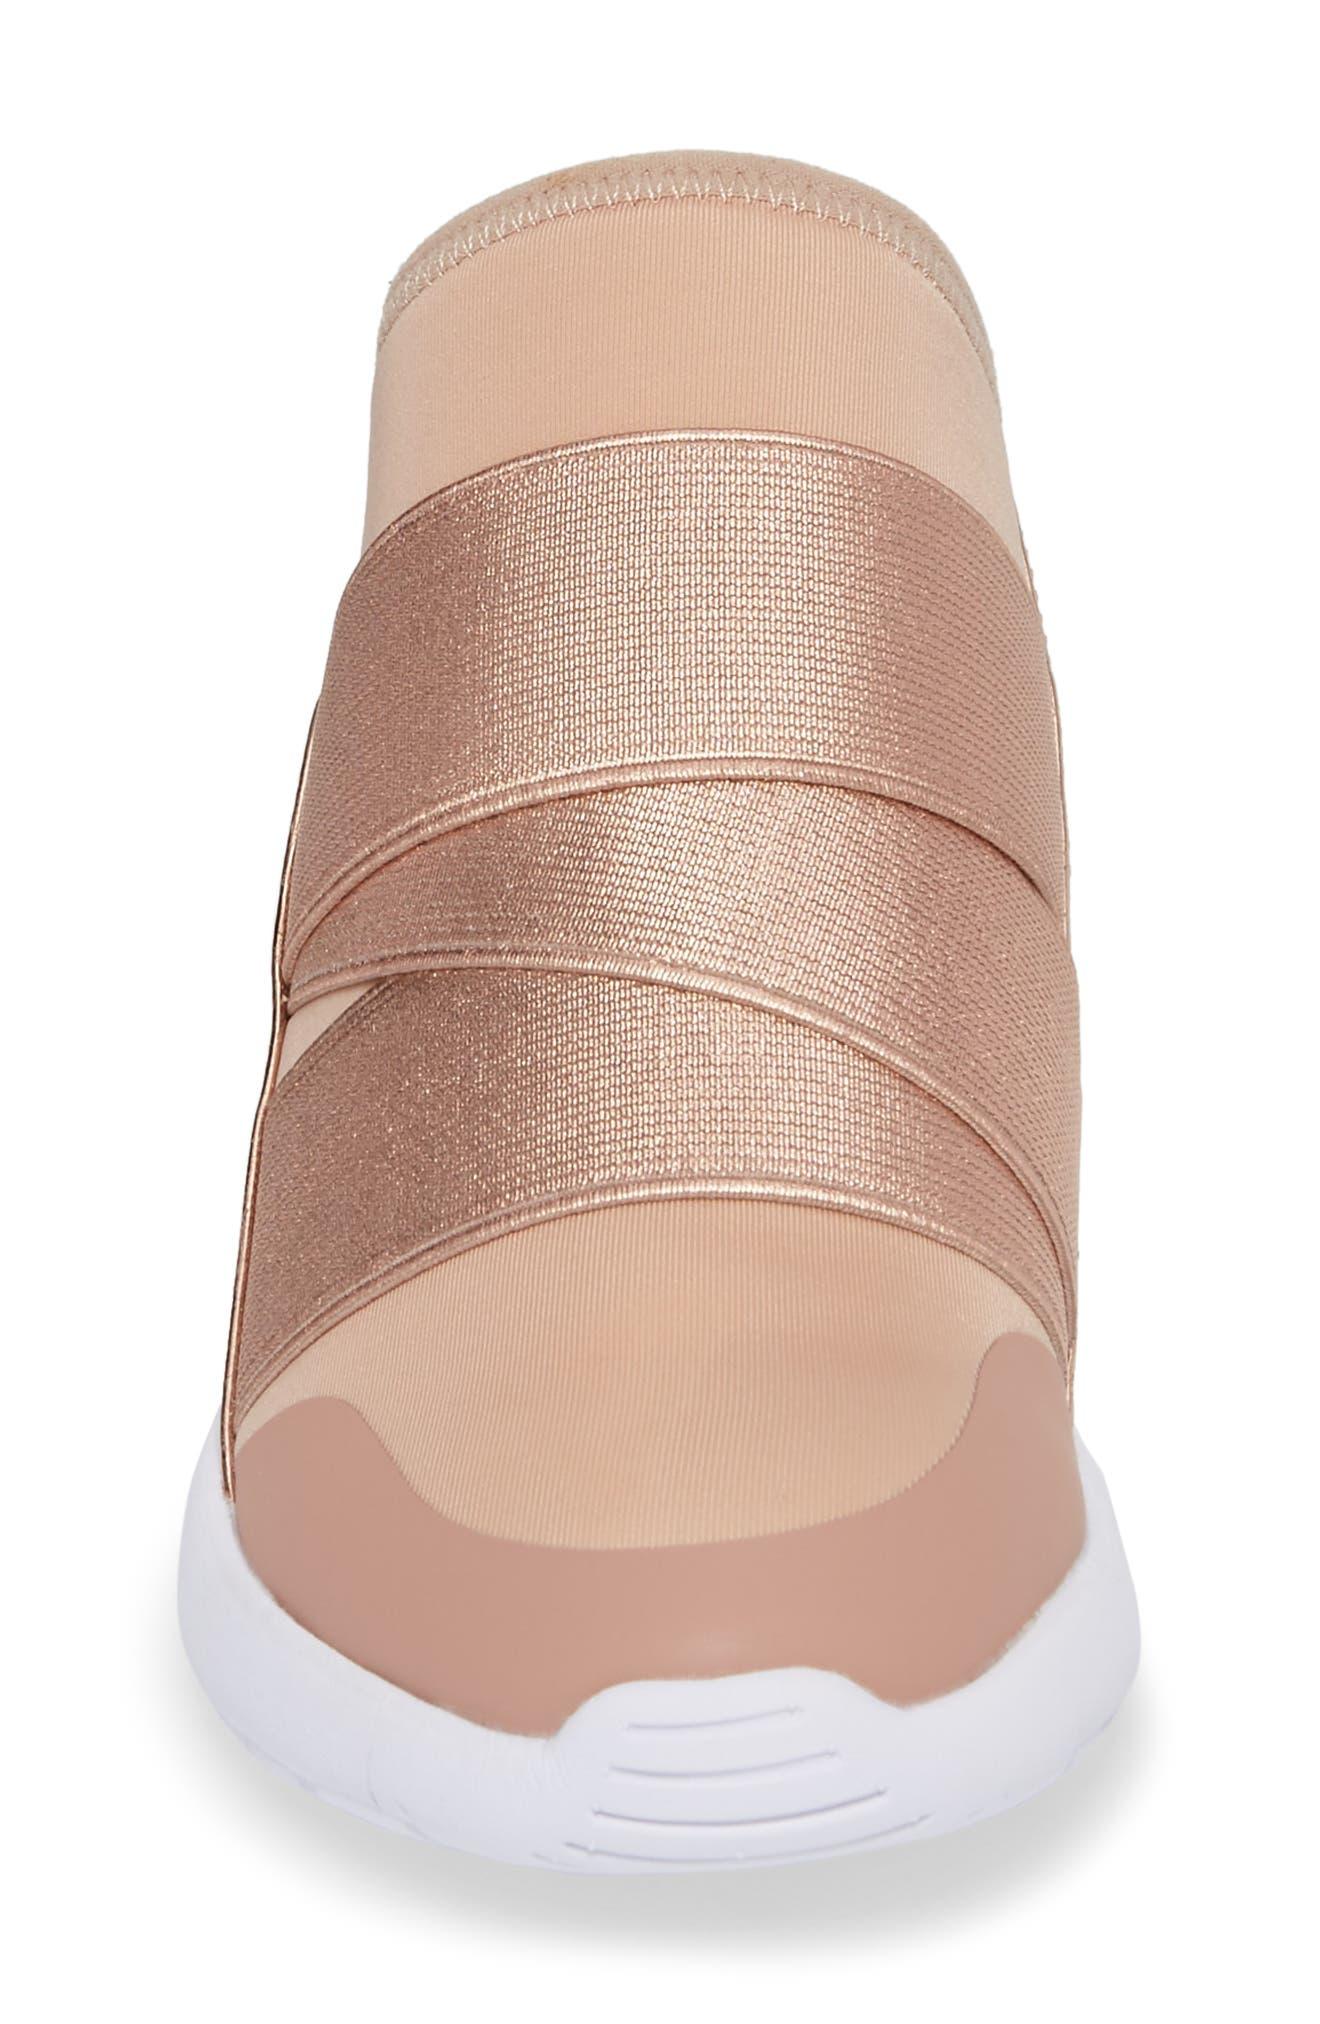 Vine Slip-On Sneaker,                             Alternate thumbnail 4, color,                             Blush